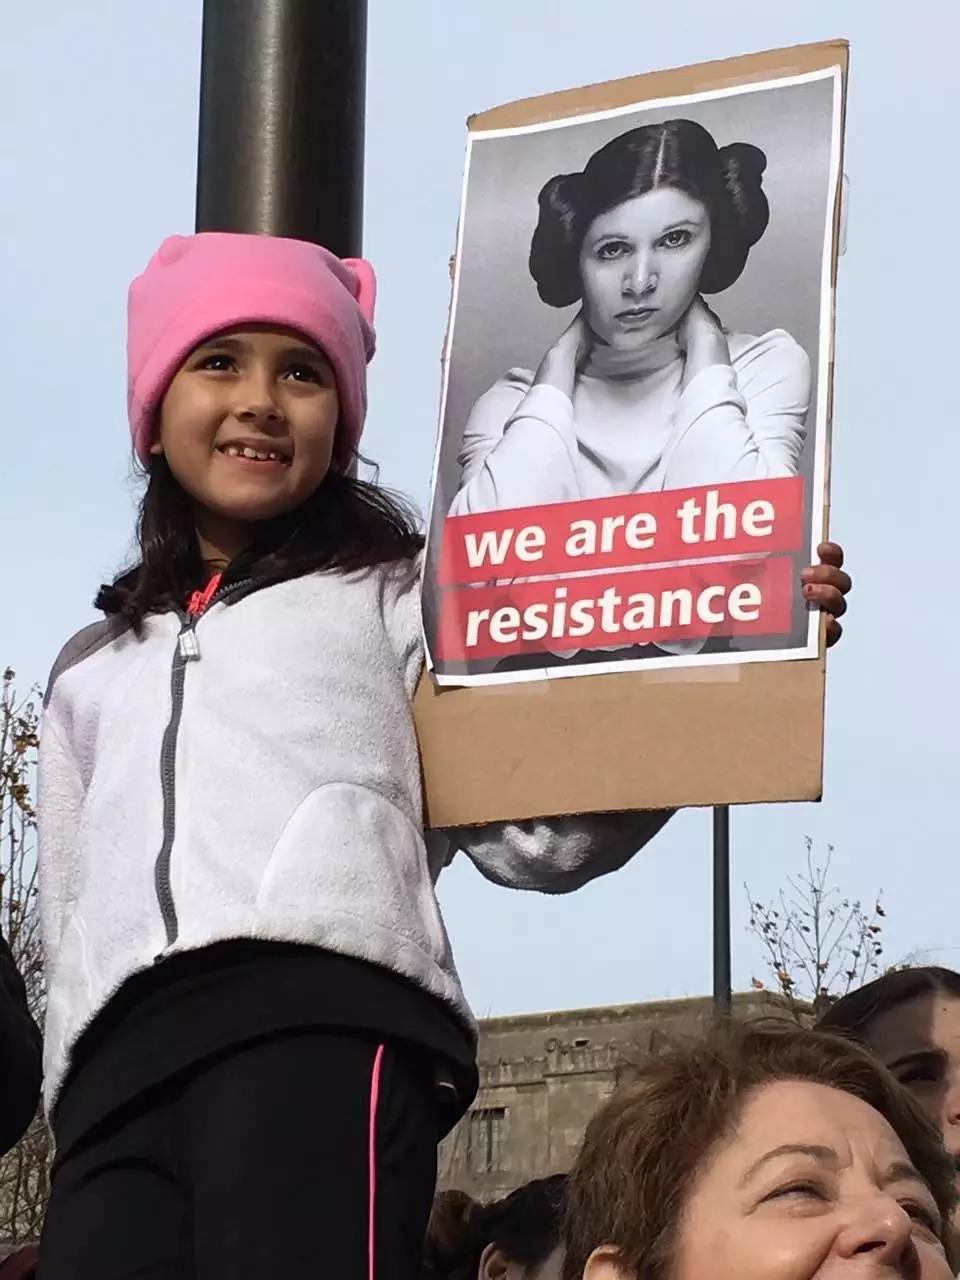 全球百万女性大游行,为何有两种完全相反的真相?